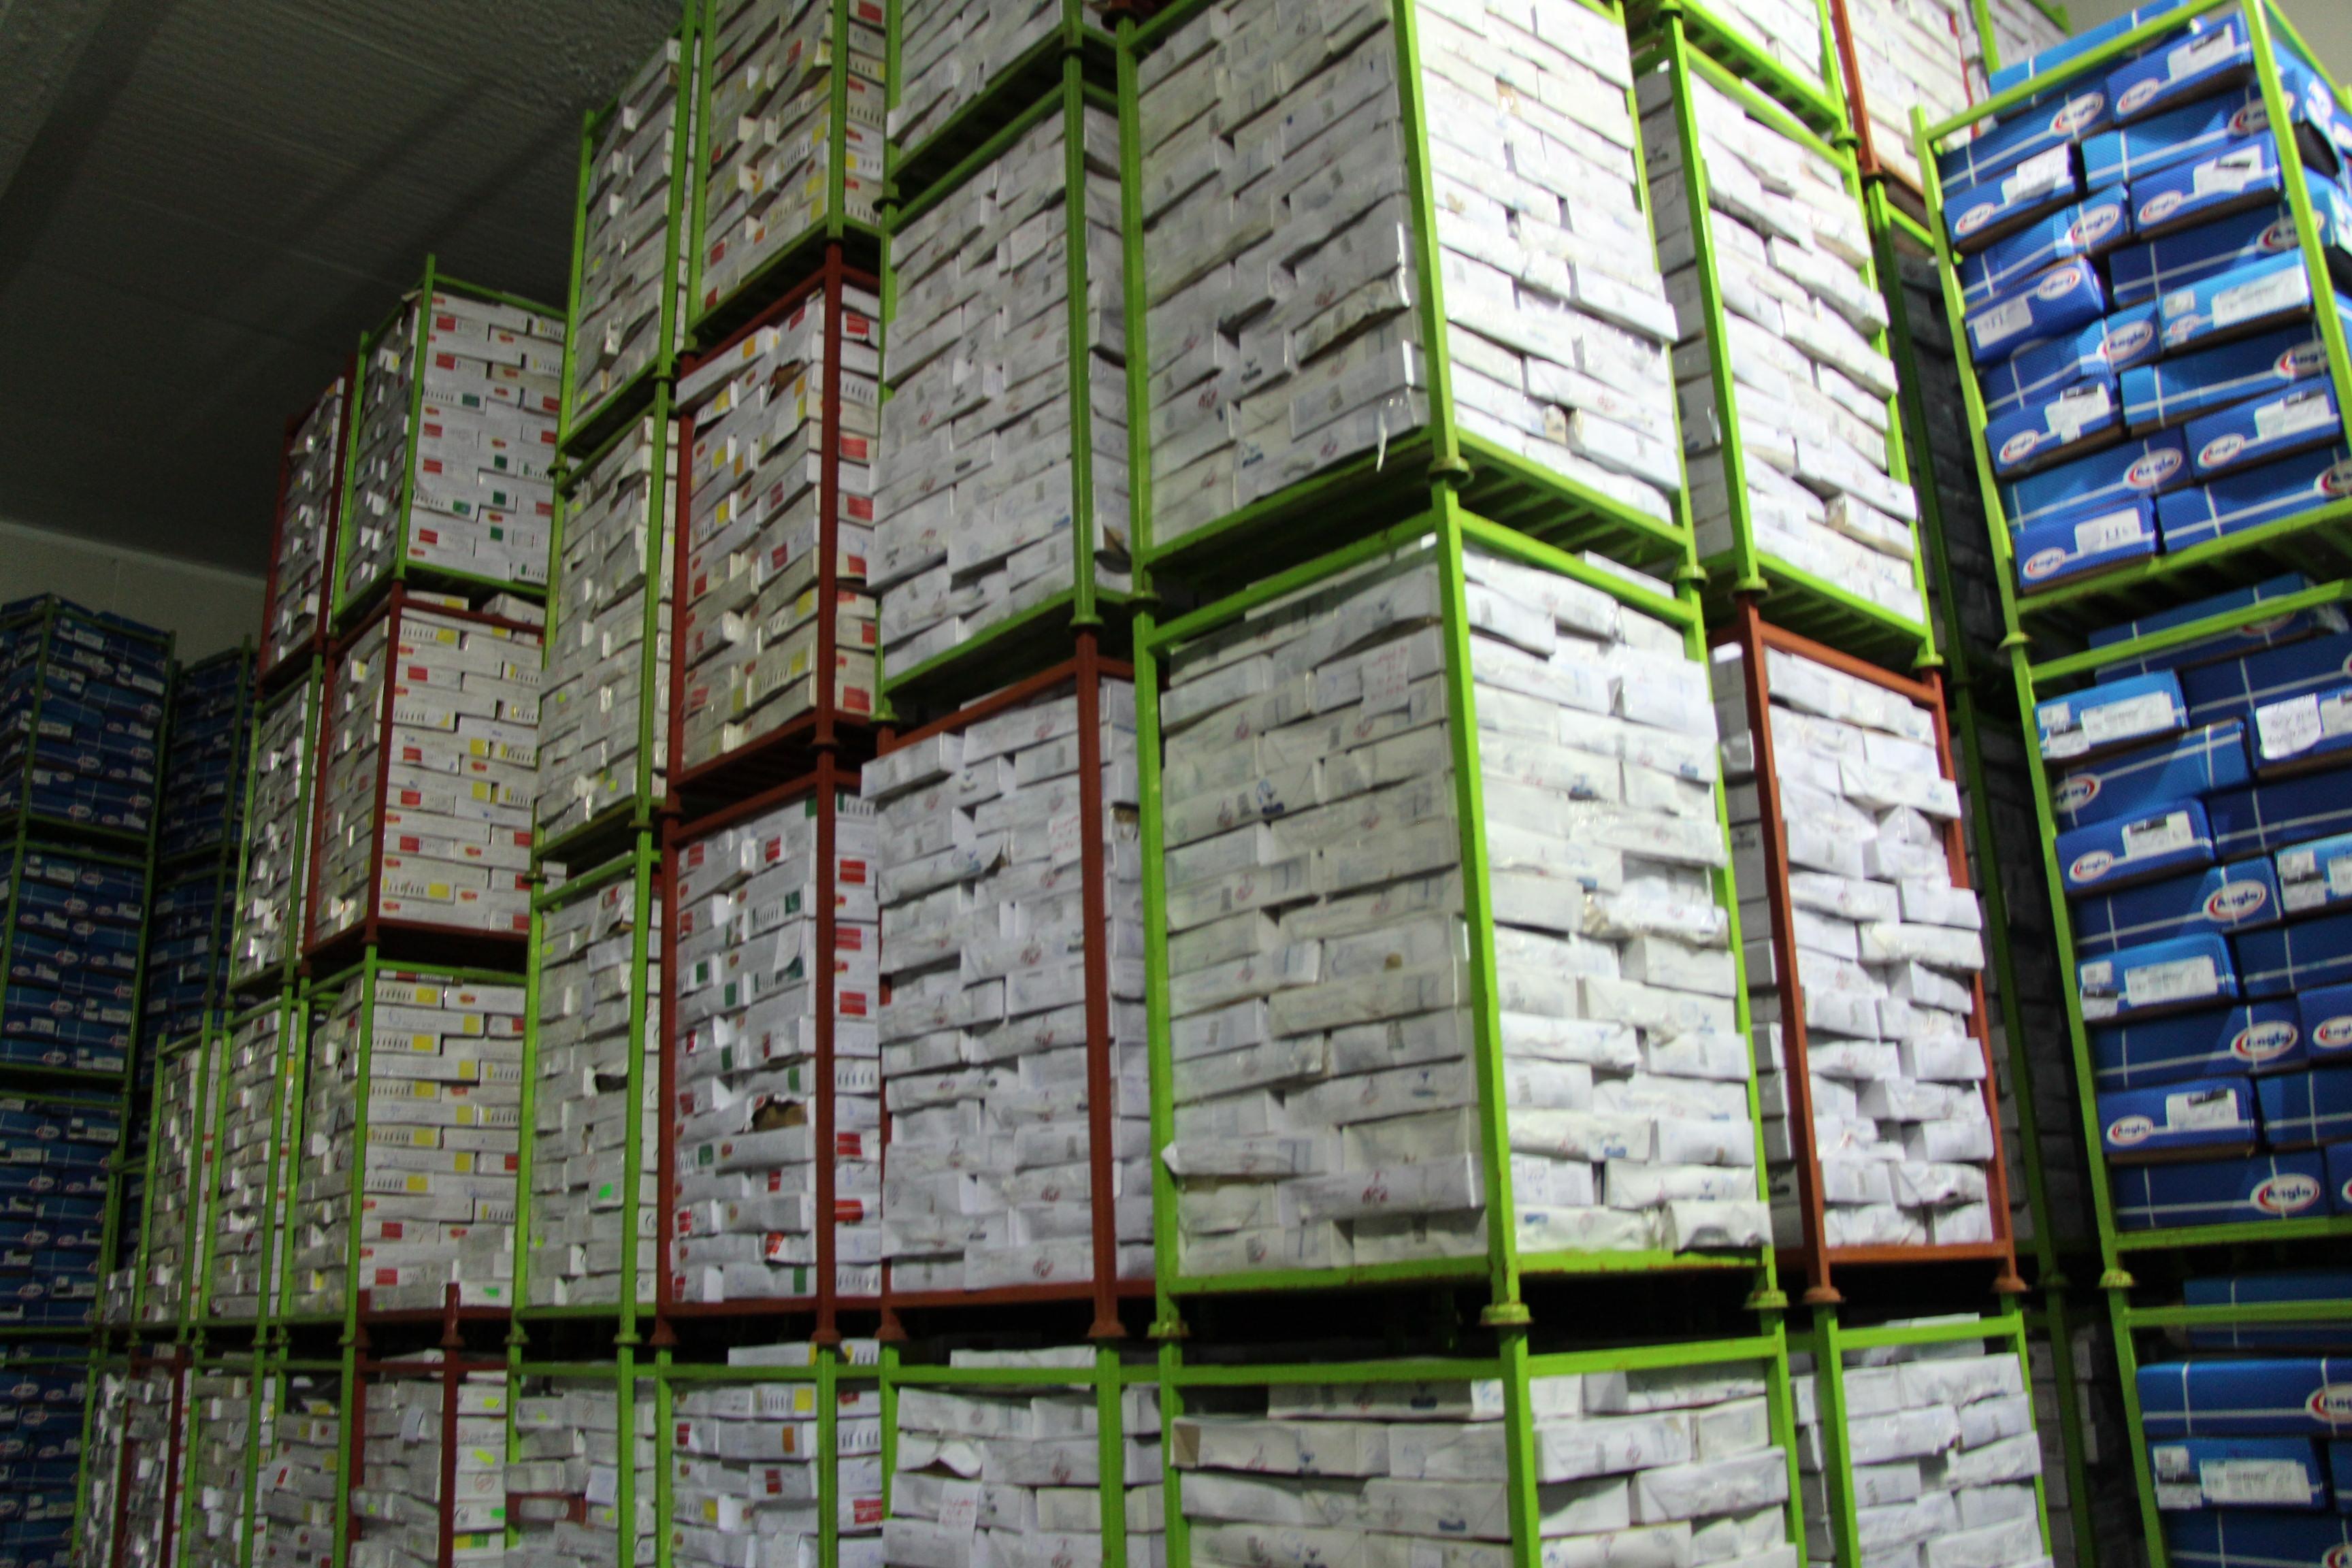 ۴۰۰ تن مرغ منجمد با قیمت ۱۴ هزار تومان در قم ذخیره شد